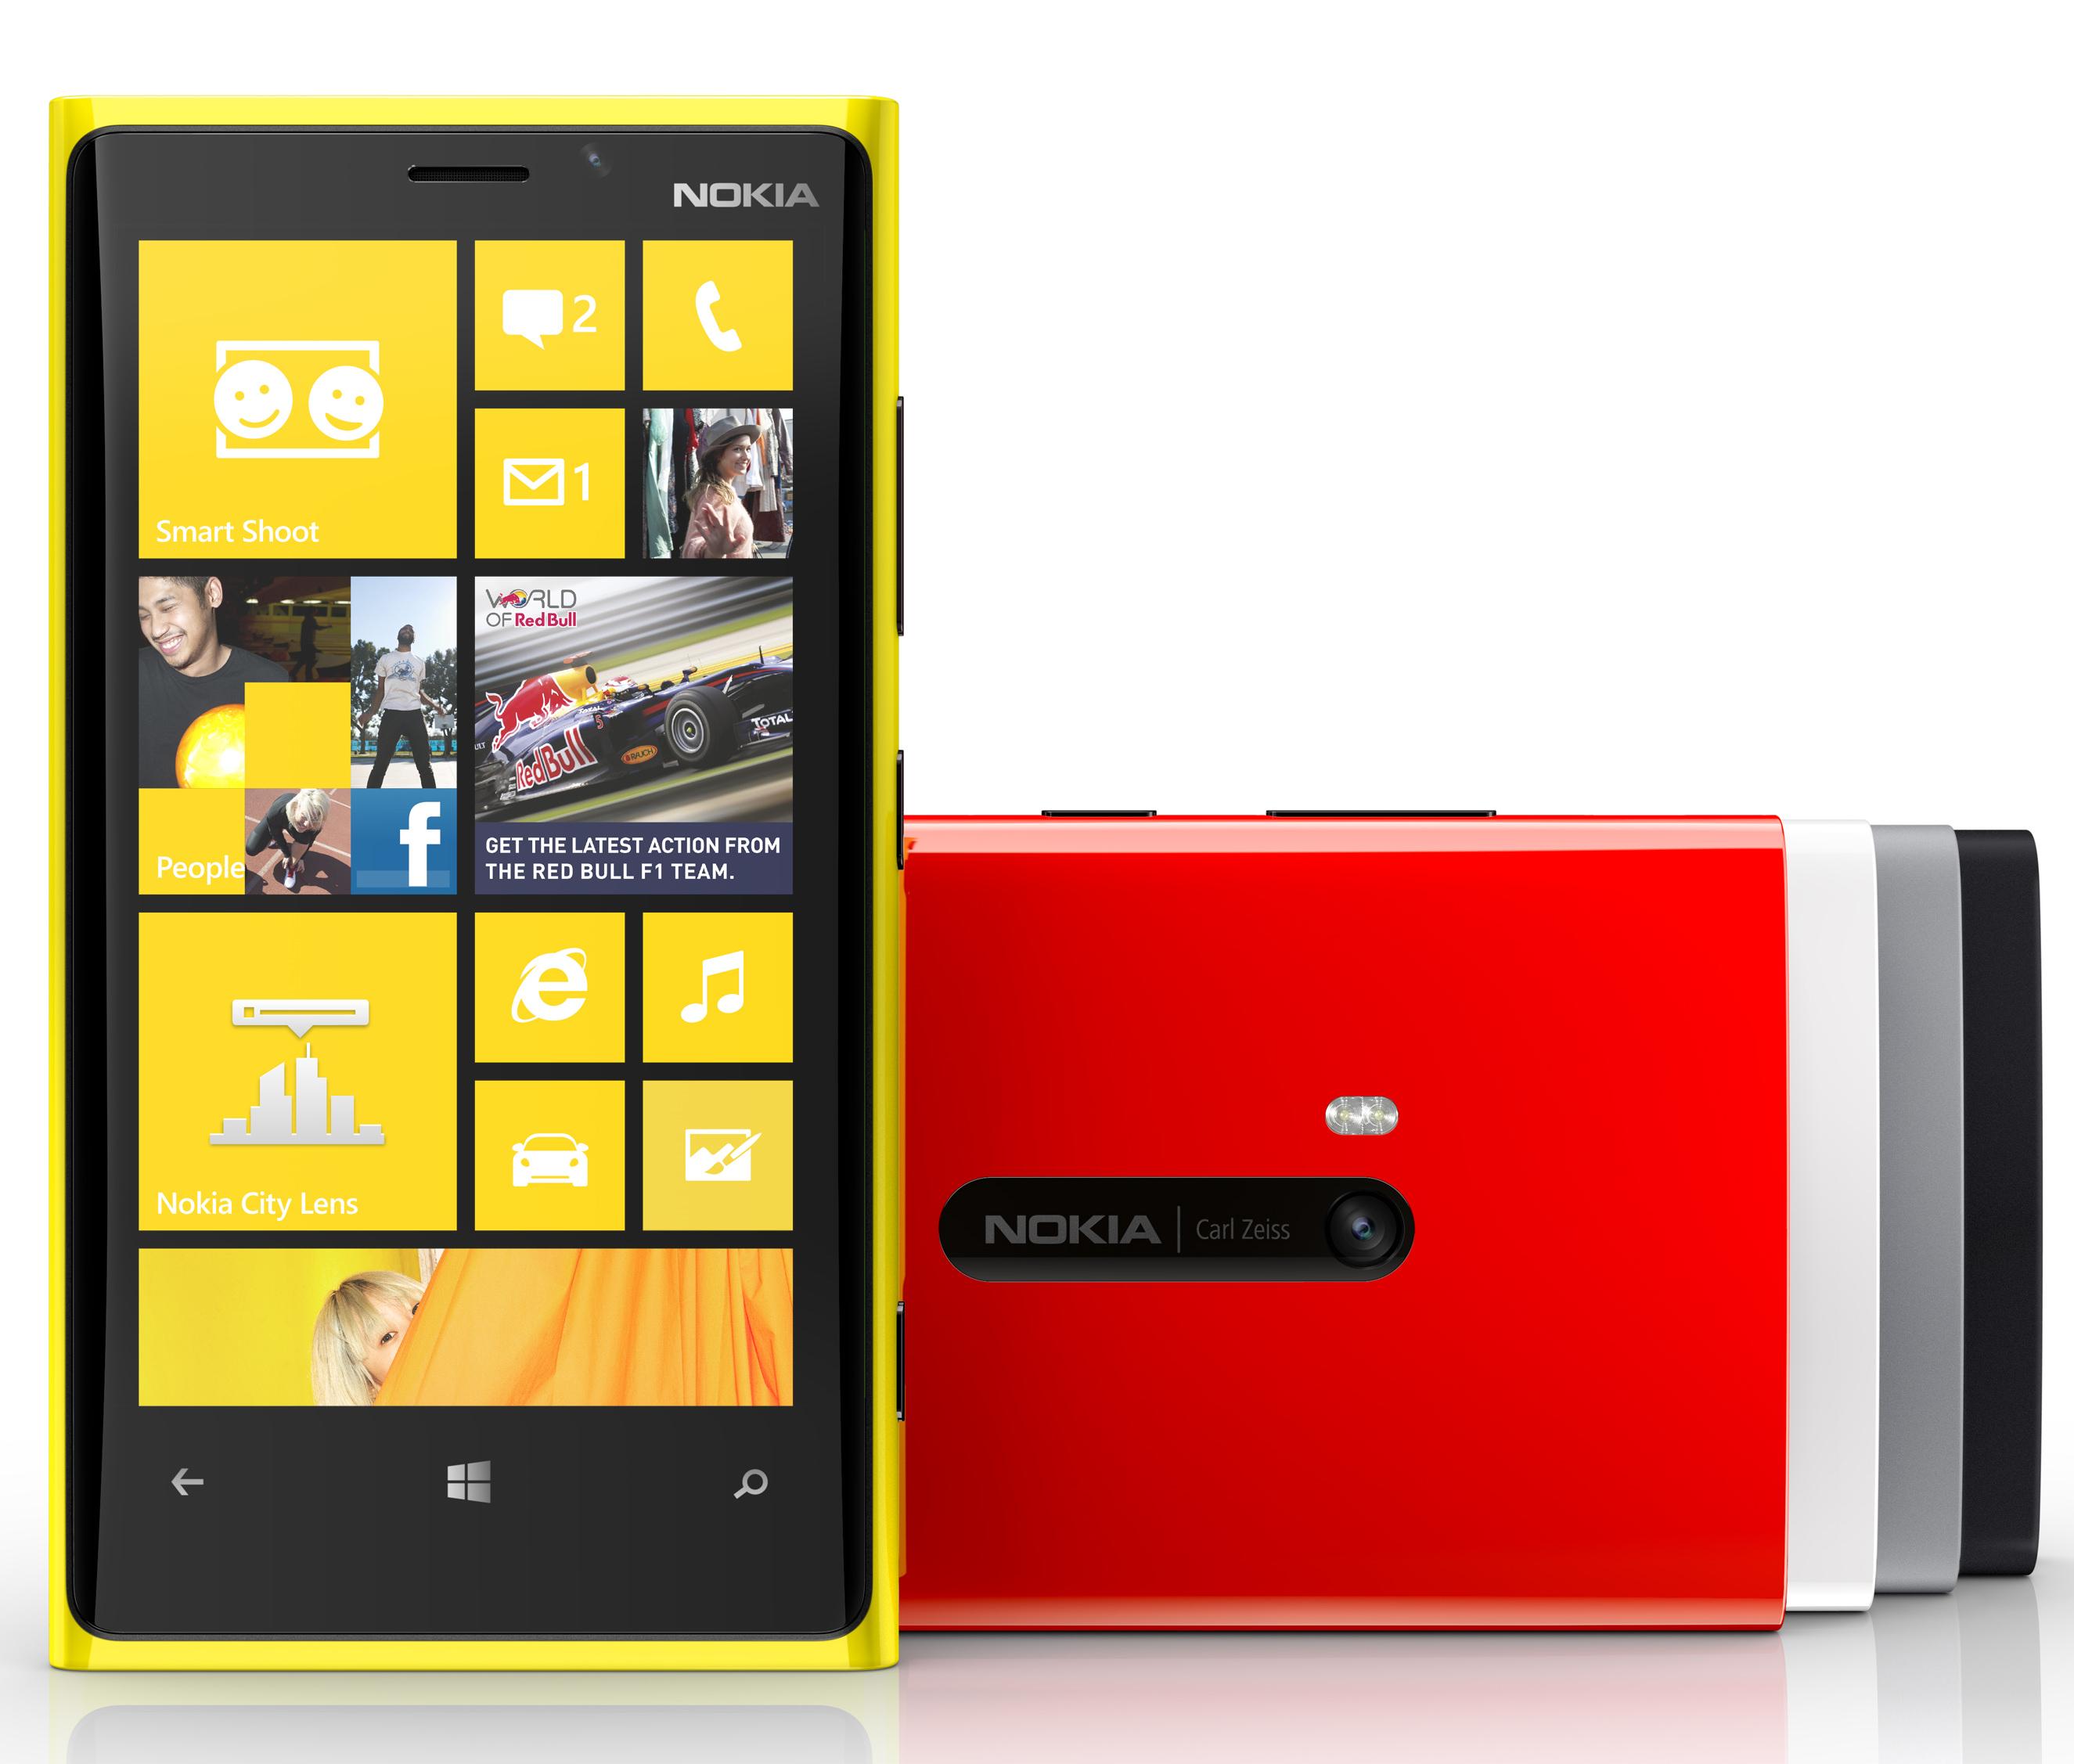 Nokia Lumia Range Of Smartphones Announced